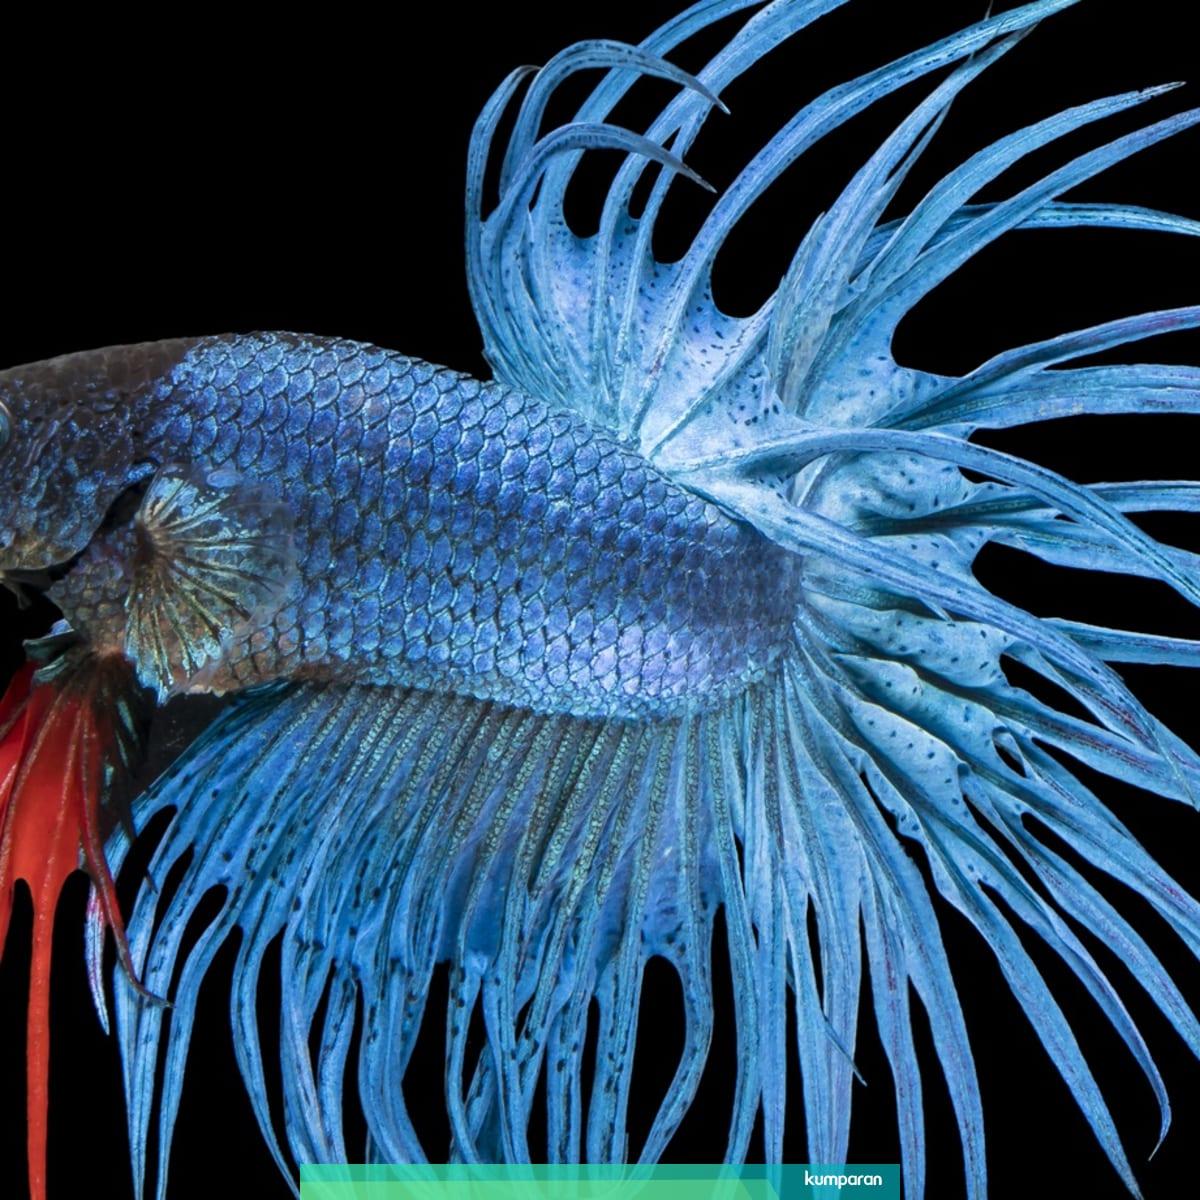 Ikan Cupang Produksi Slipi Dan Semanan Diekspor Hingga Ke Eropa Kumparan Com